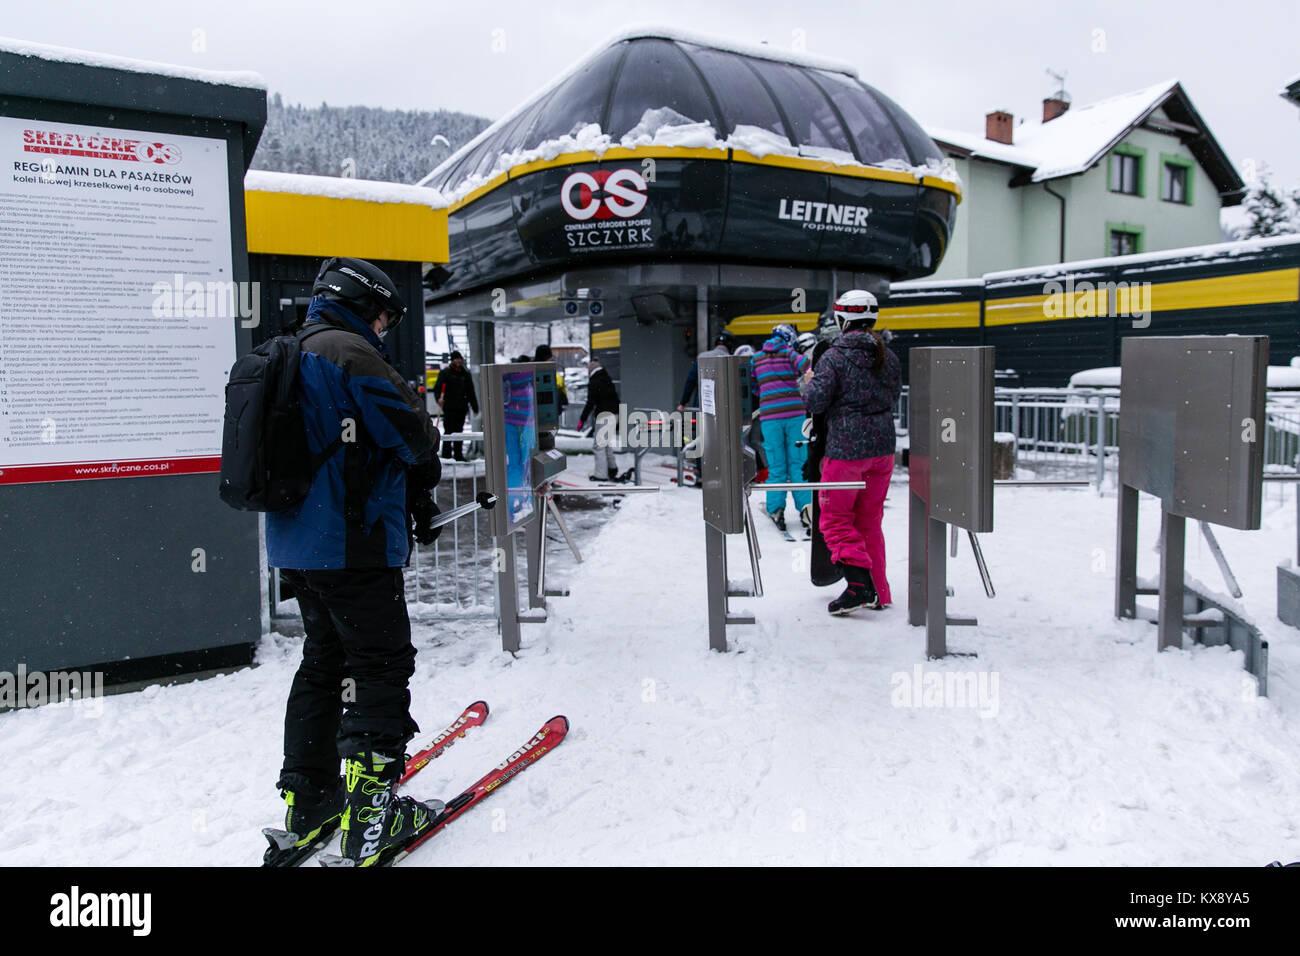 Skifahrer und Snowboarder gehen durch Drehsperren Tore und Boarding Sessellift auf dem Weg zum Gipfel des Berges in Szczyrk Polen Skrzyczne Stockfoto